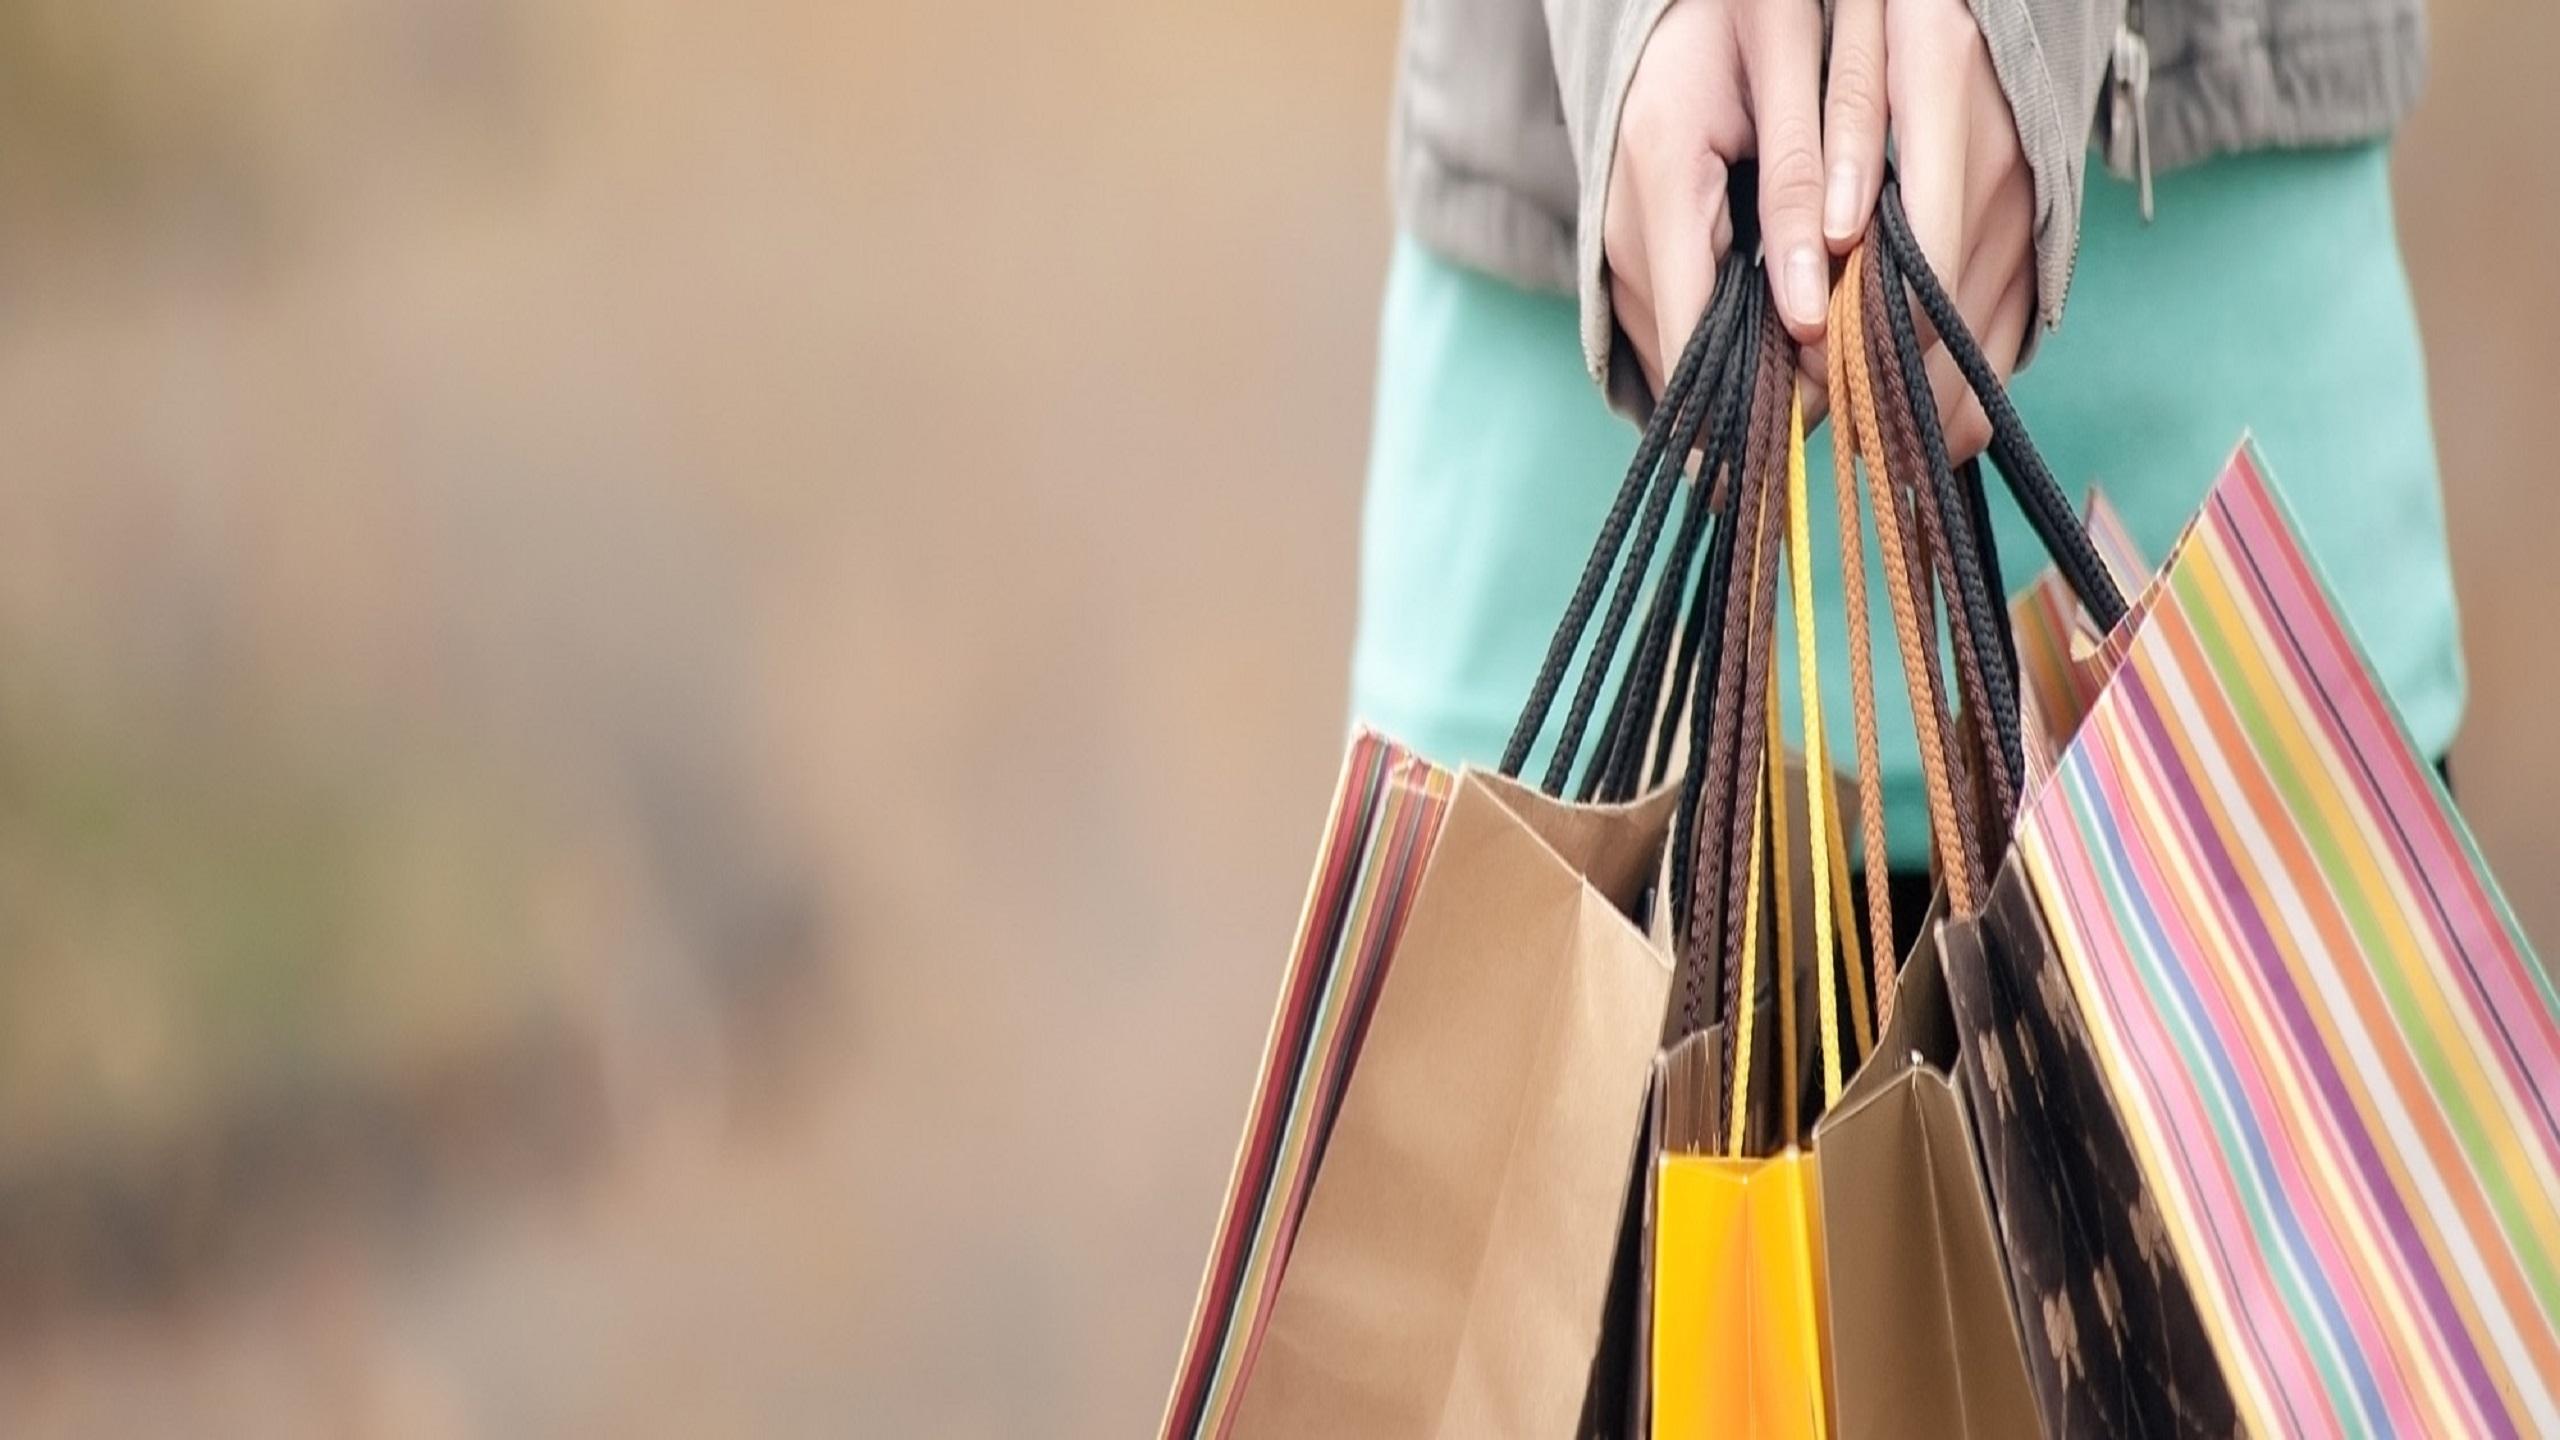 bazaar group items for sale